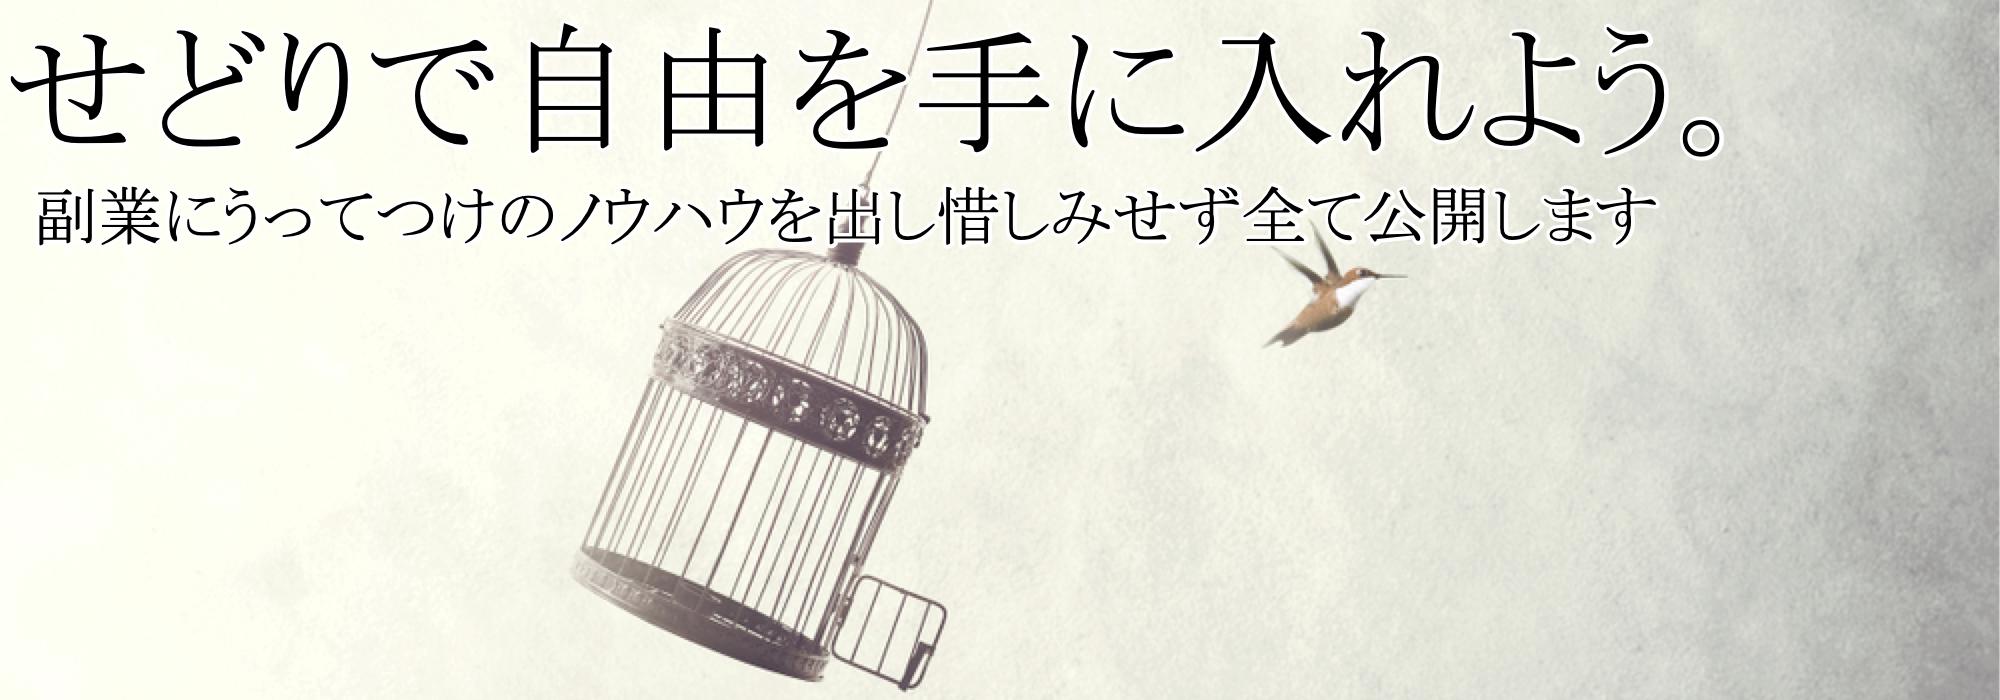 せどり&転売ビジネス攻略ブログ「せどペディア」written by HIROYA